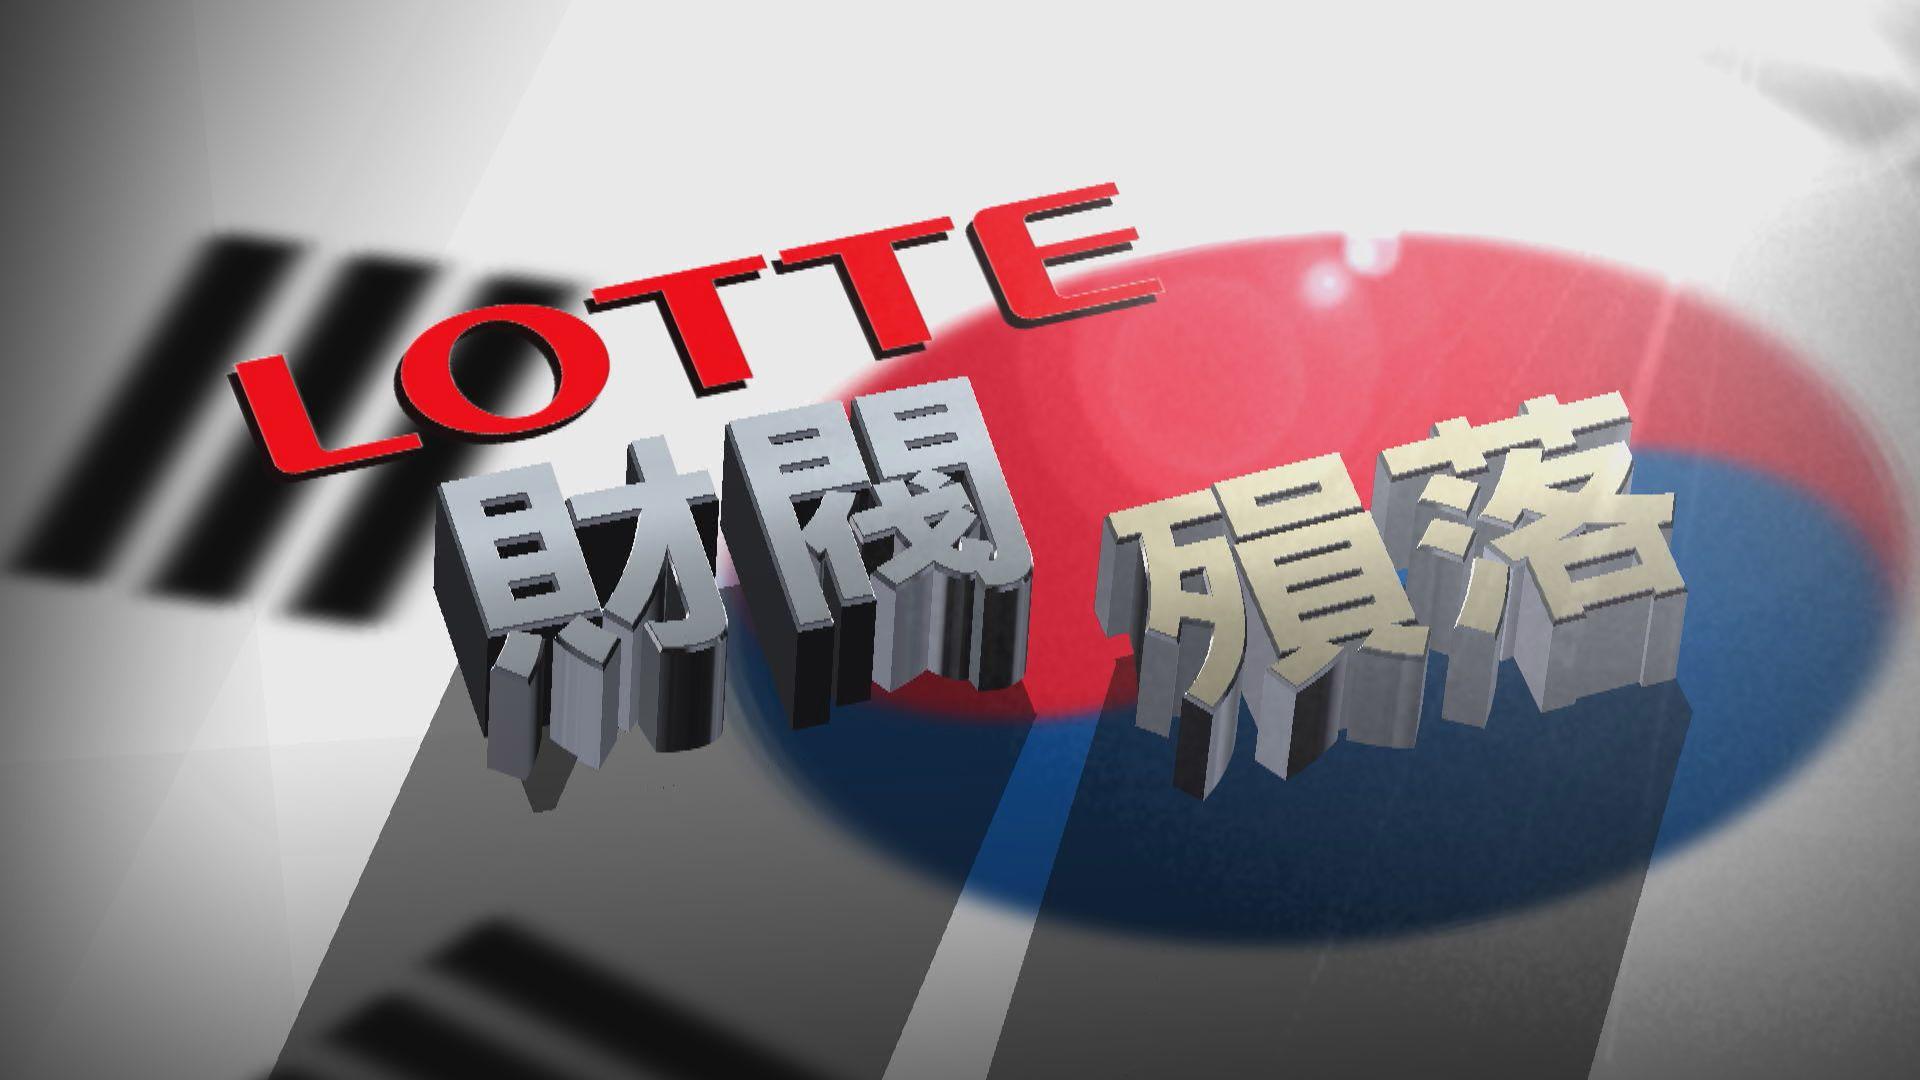 【新聞智庫】南韓樂天創辦人辛格浩病逝 晚年入獄突顯家族企業貪污問題